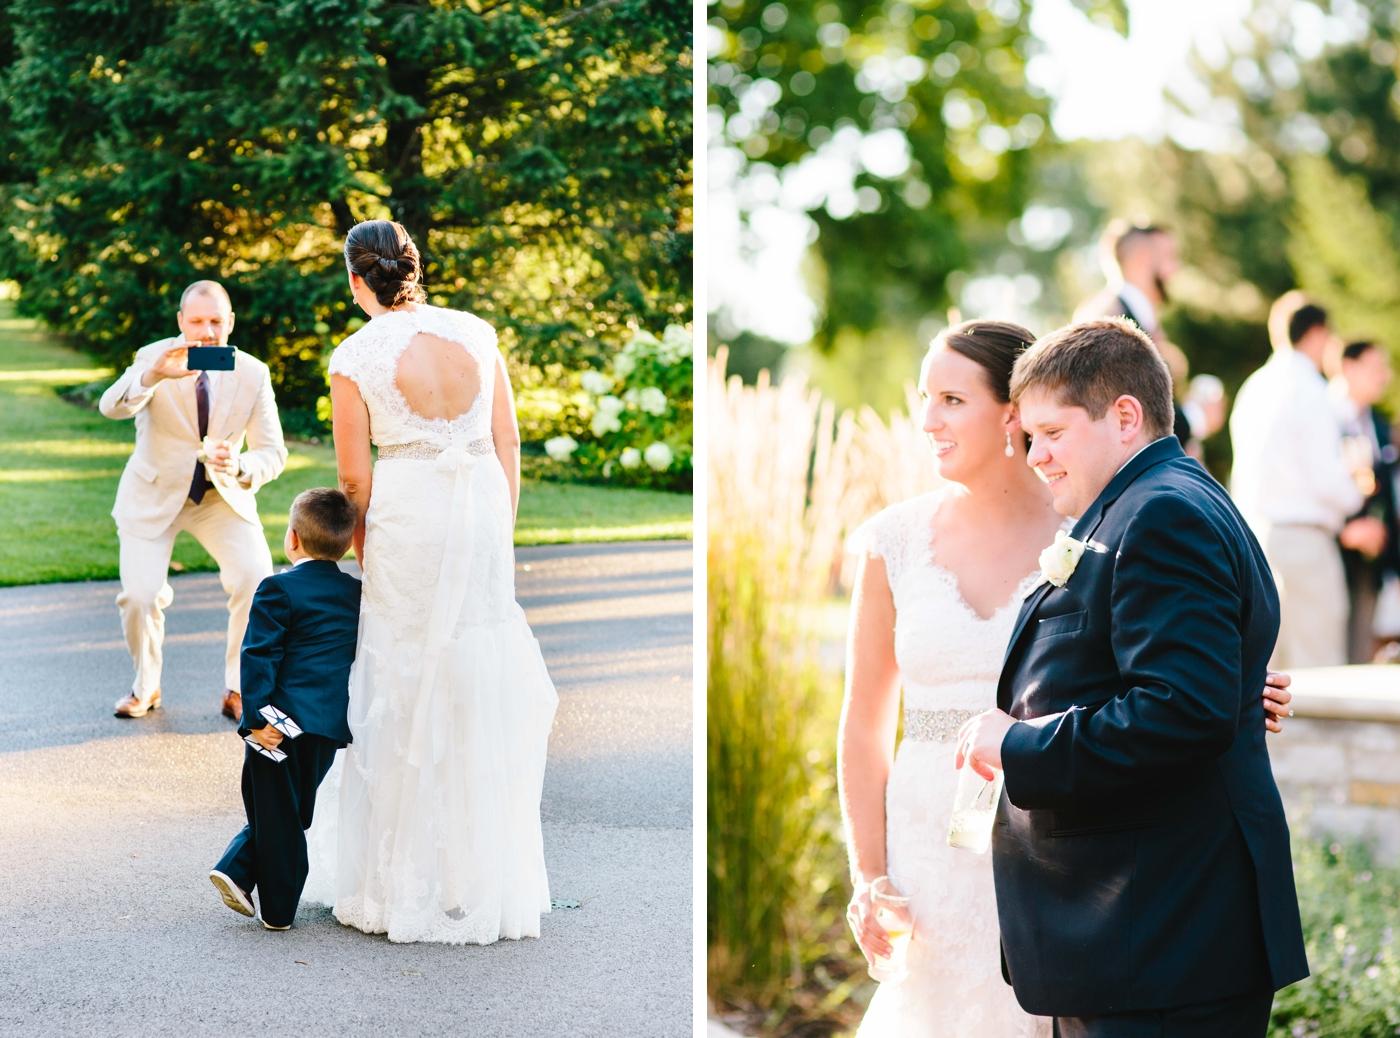 chicago-fine-art-wedding-photography-neuendank36